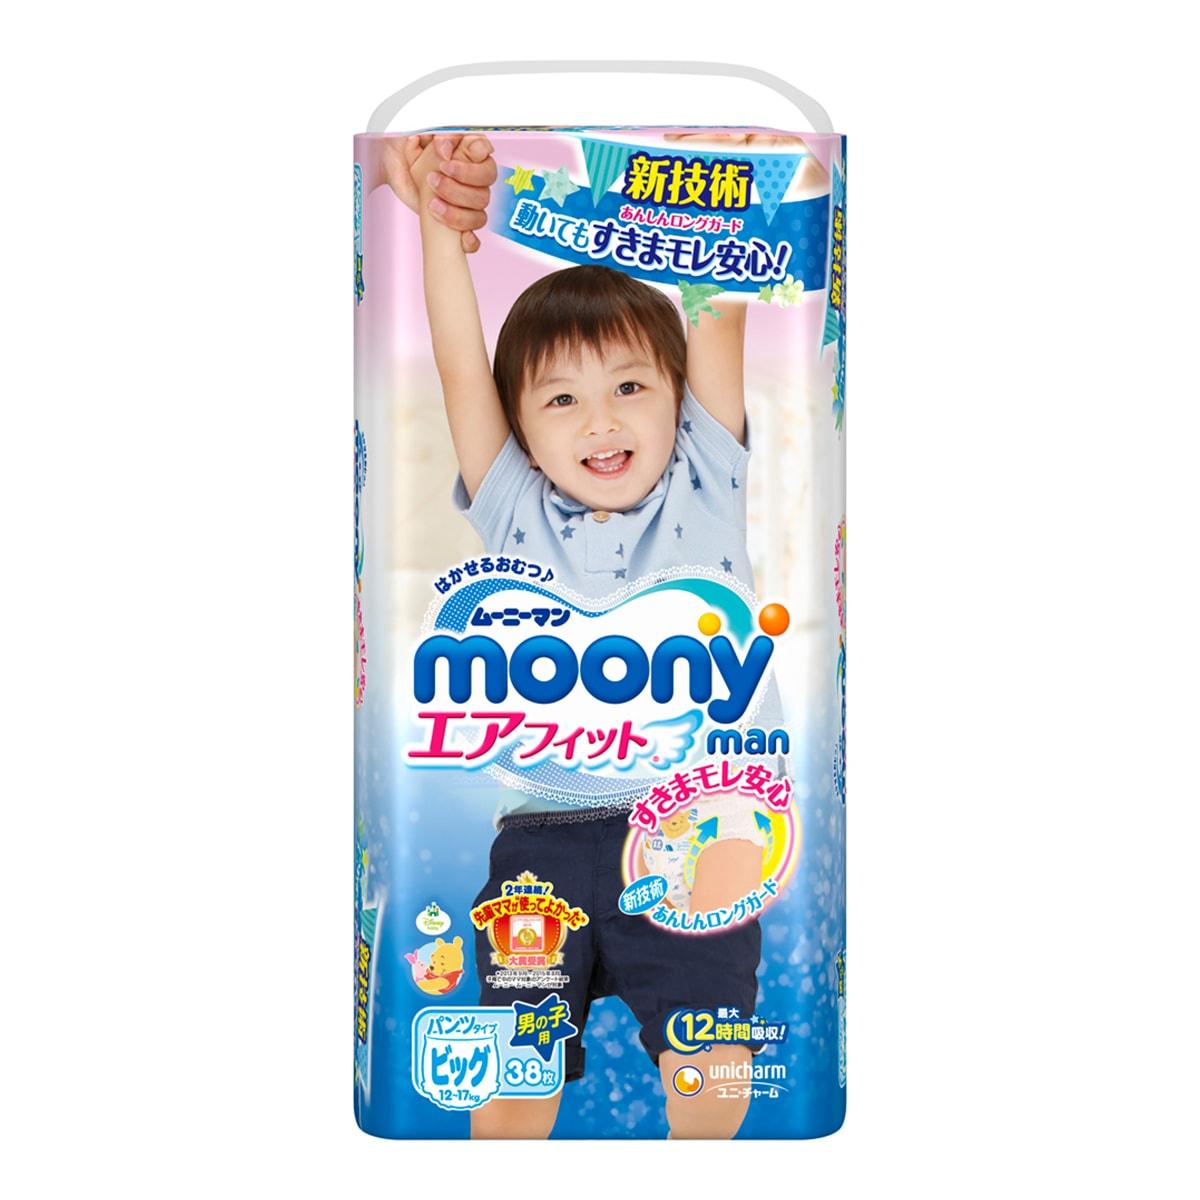 日本MOONY尤妮佳 婴儿尿不湿拉拉裤 男宝宝专用 XL号 12-17kg 38片入